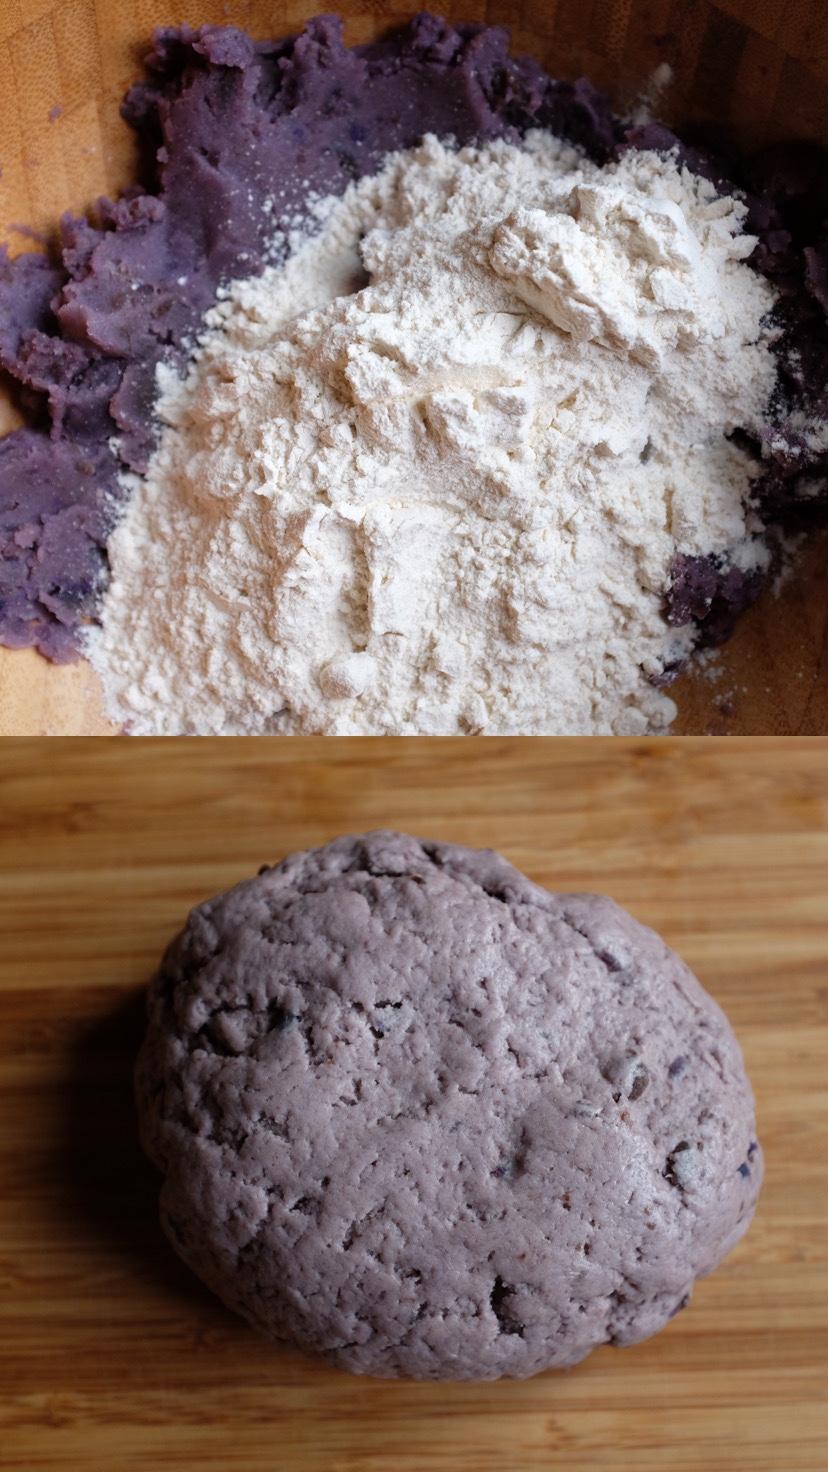 Scola le patate e mettile in una ciotola. Schiacciale fino a farle diventare un purè.